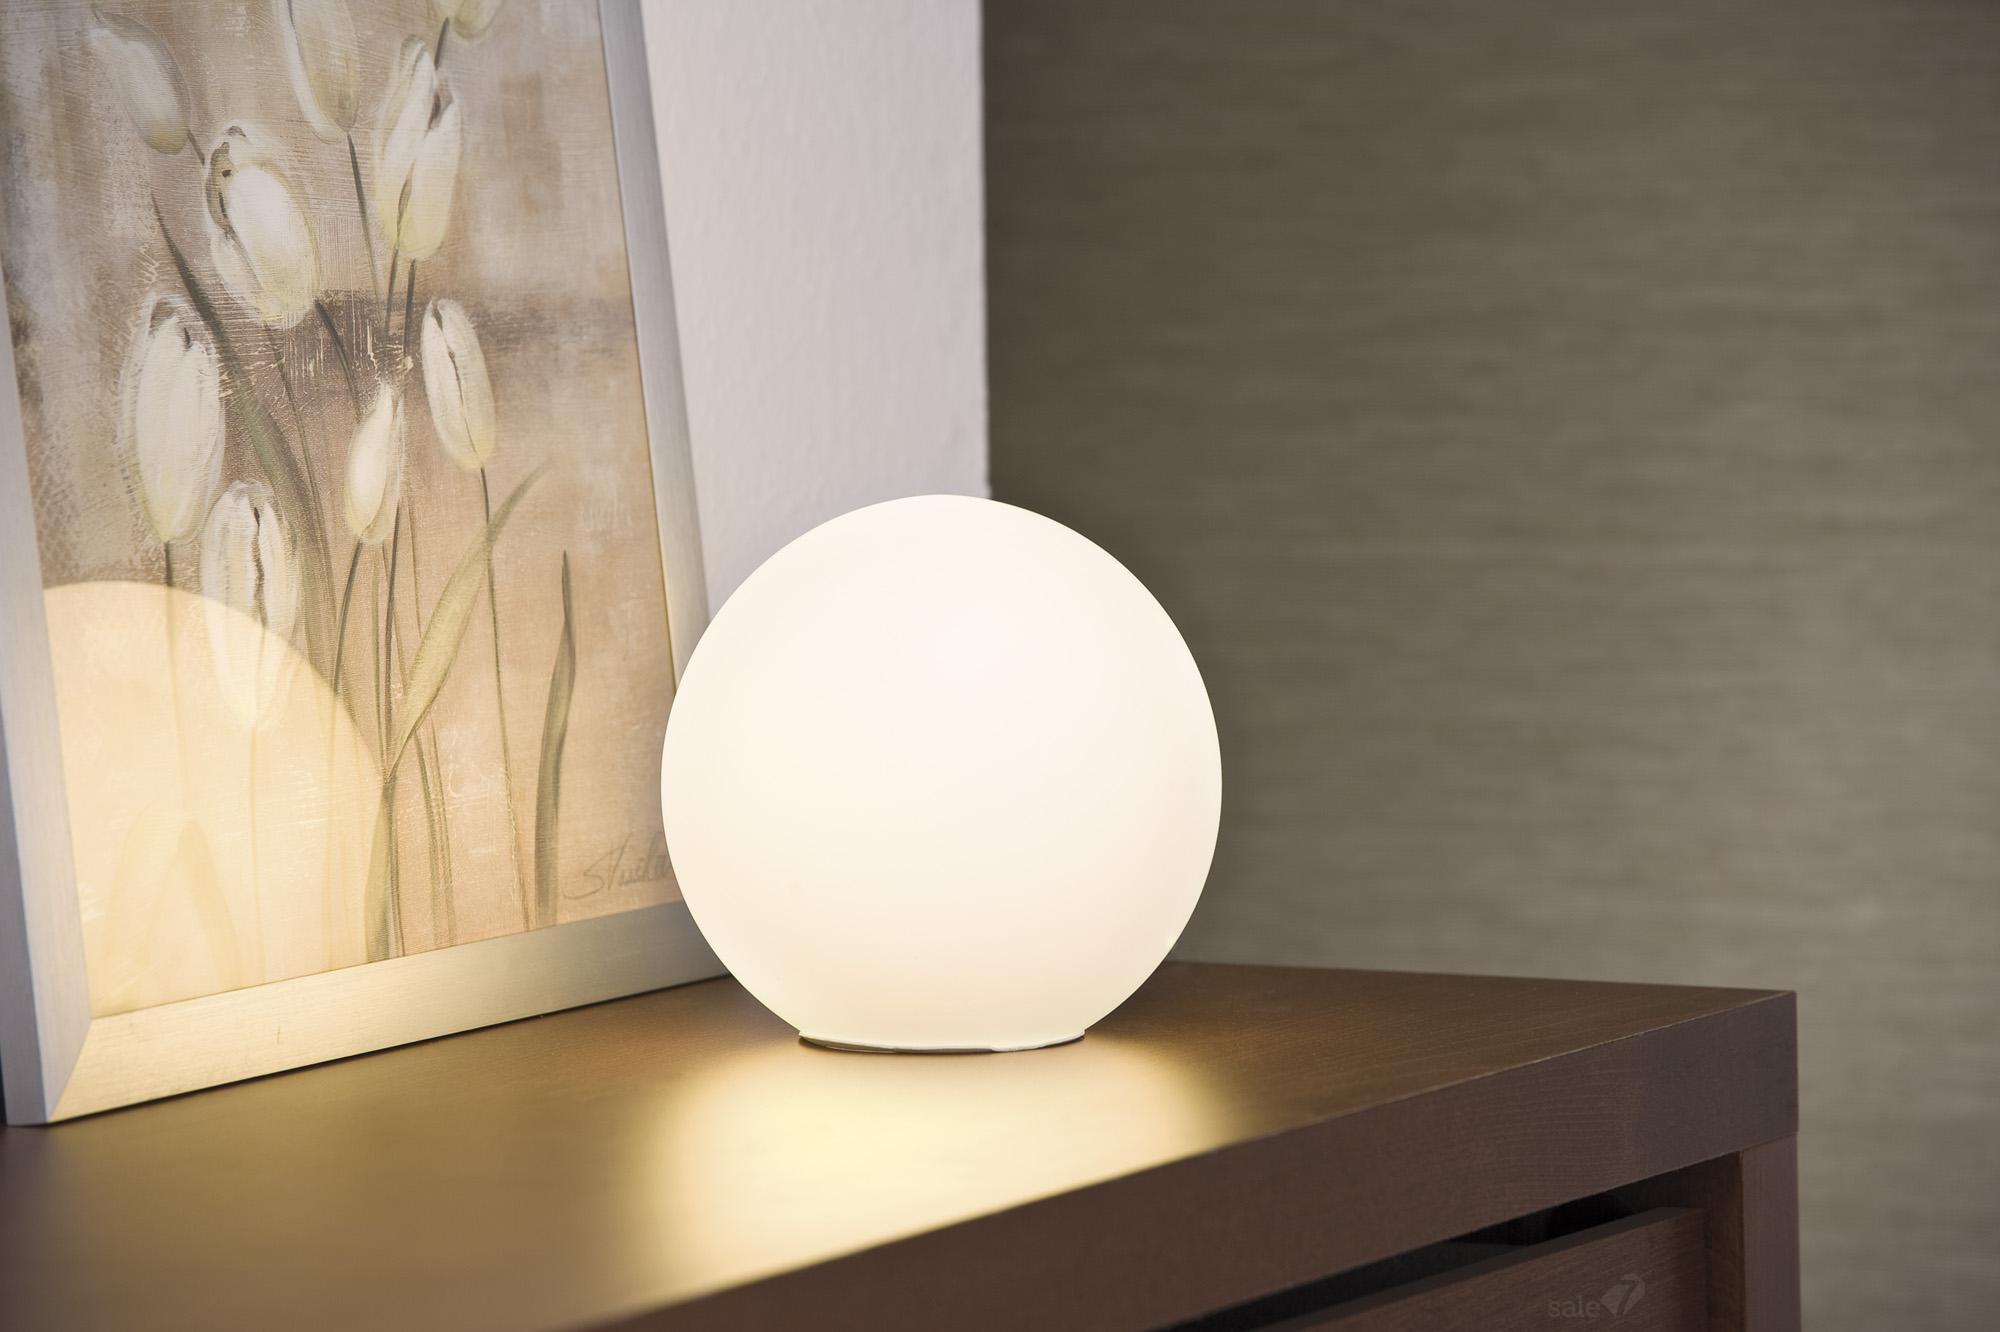 Напольные светильники шары в интерьере фото